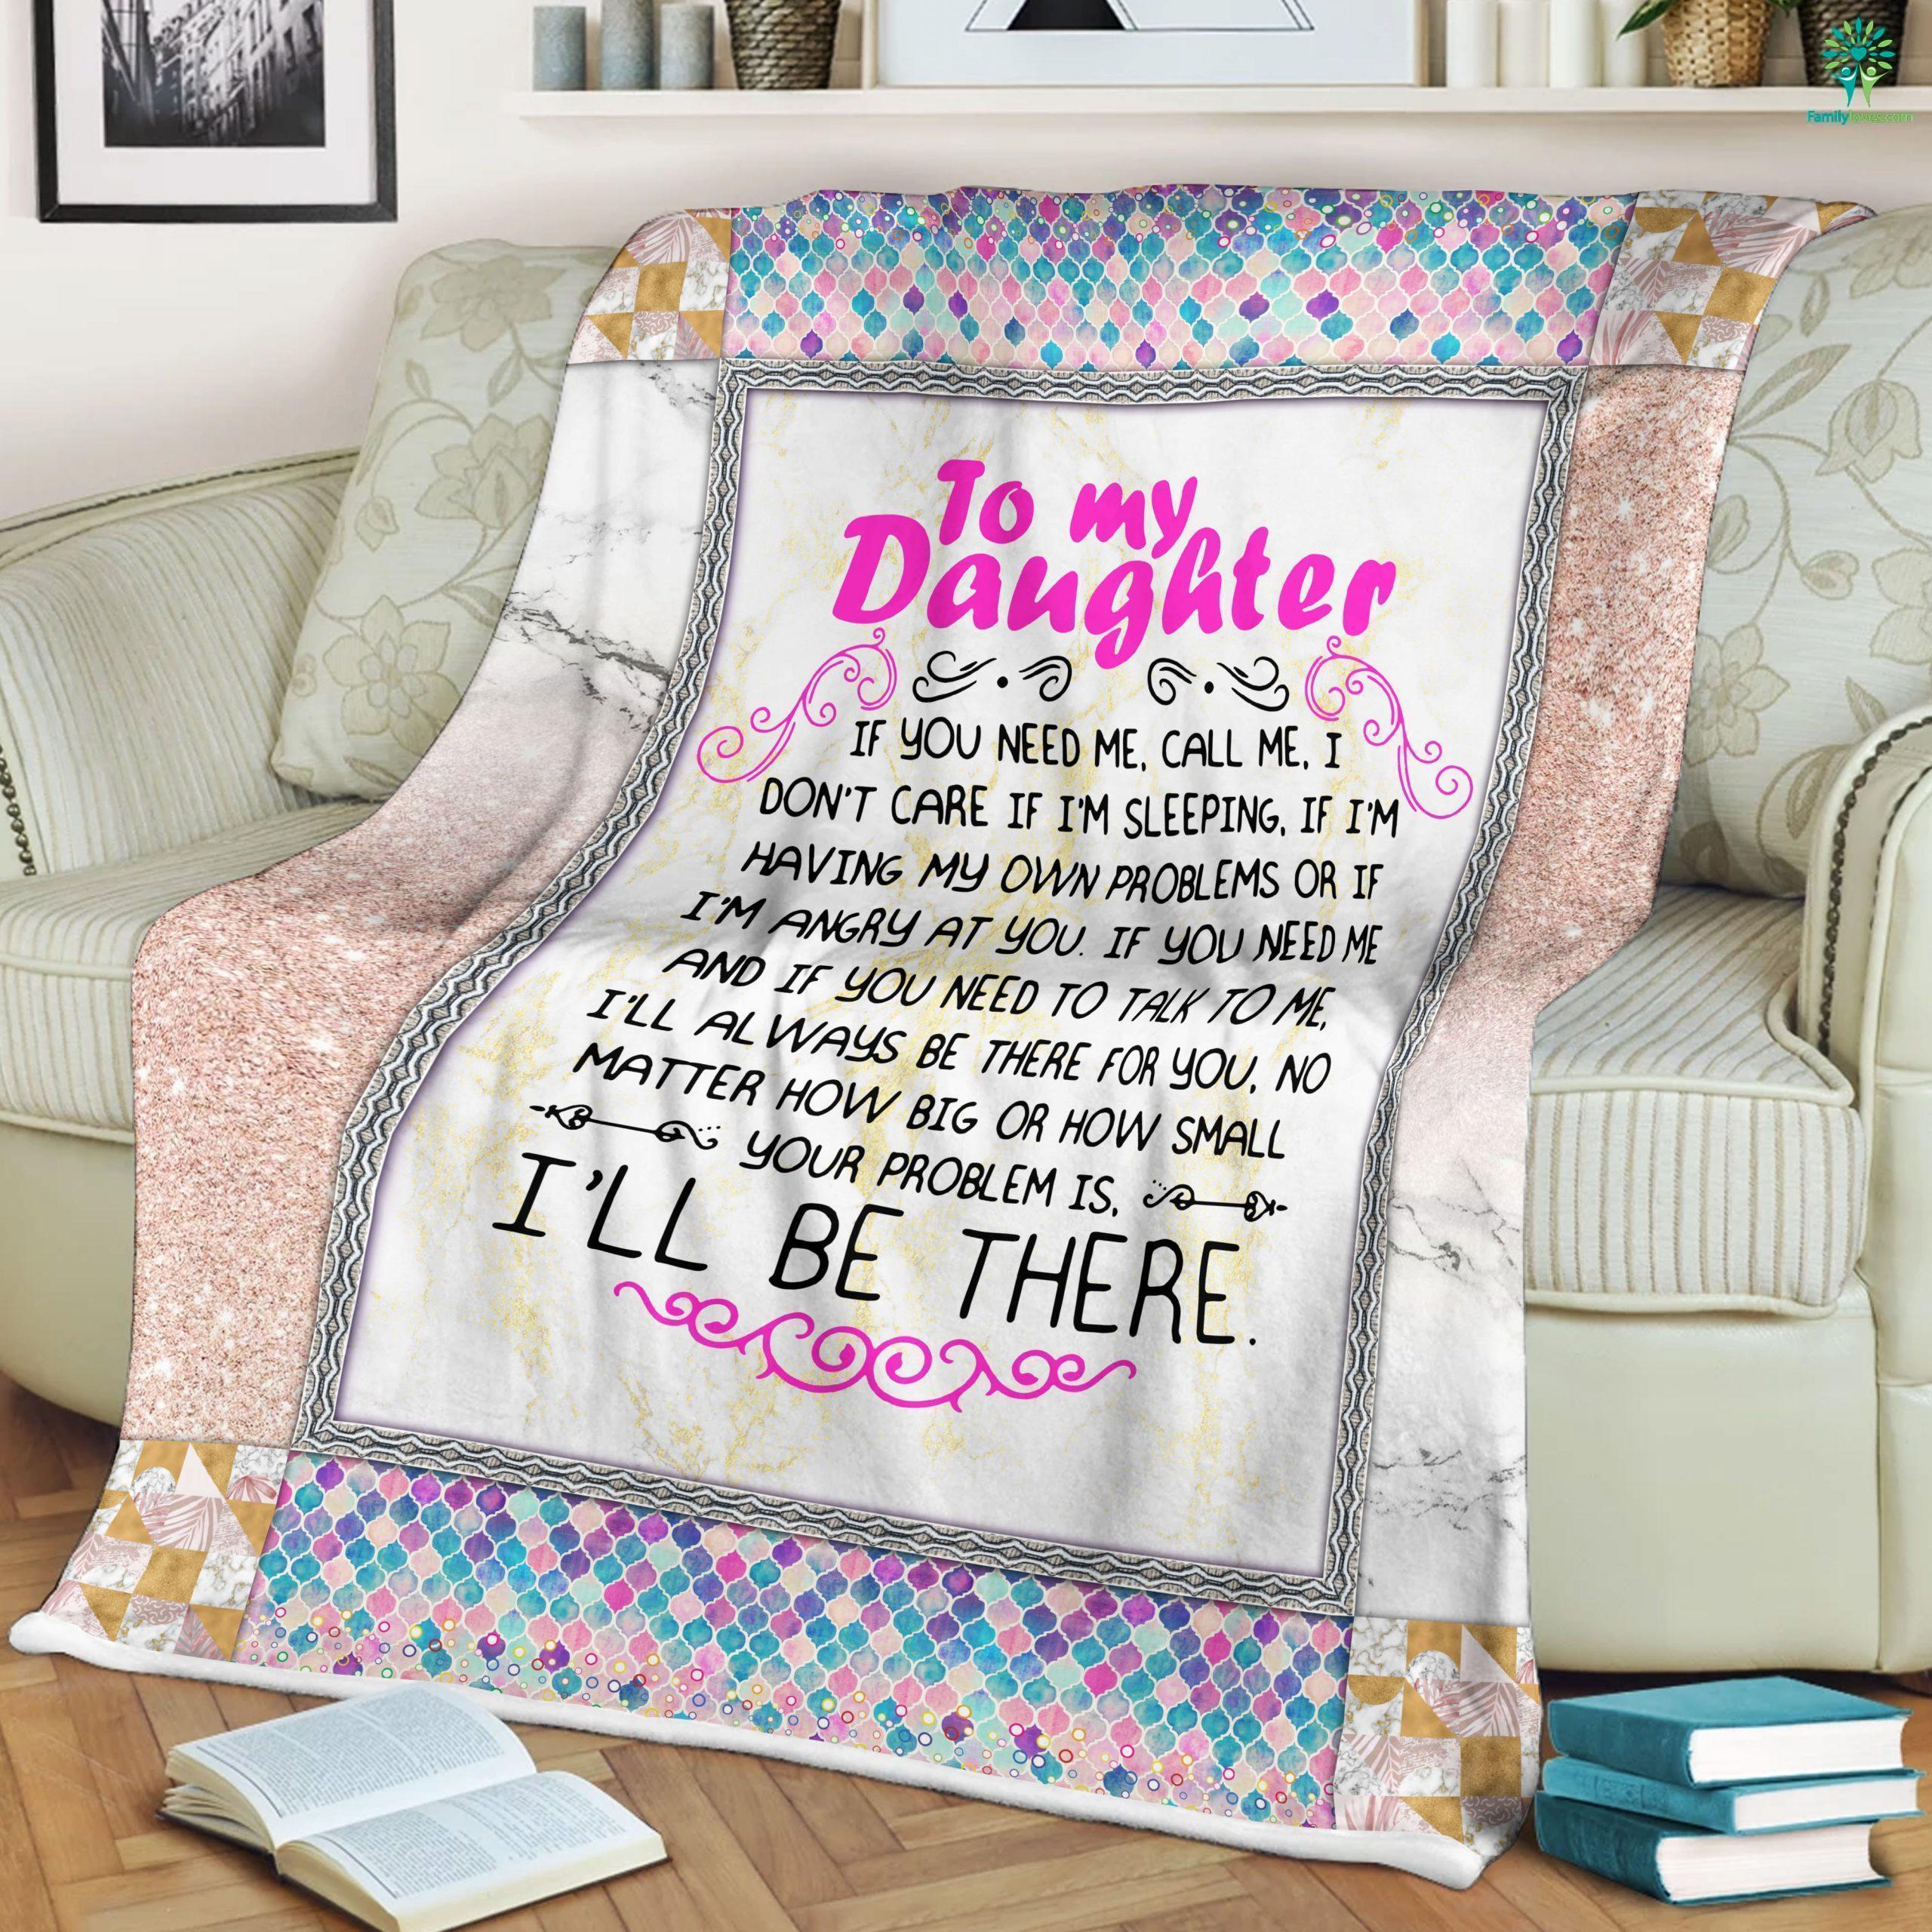 Gift for Daughter Christmas Sherpa Fleece Blanket-If you need me, call me. I don't care if I'm sleeping, if I'm having my... Familyloves.com